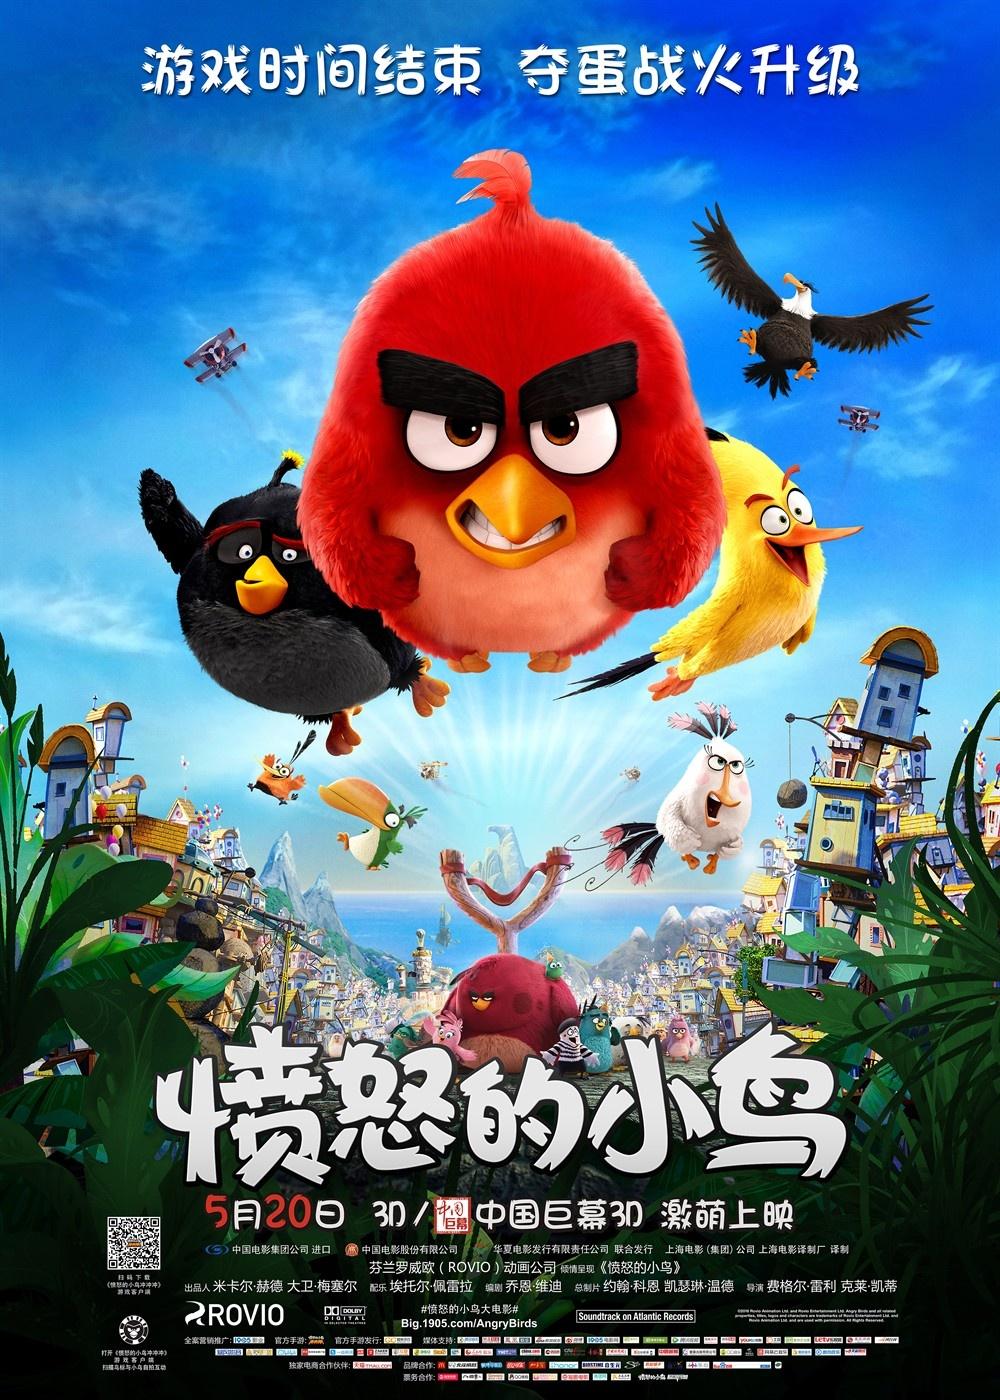 2016最新电影《愤怒的小鸟》动画电影高清迅雷下载